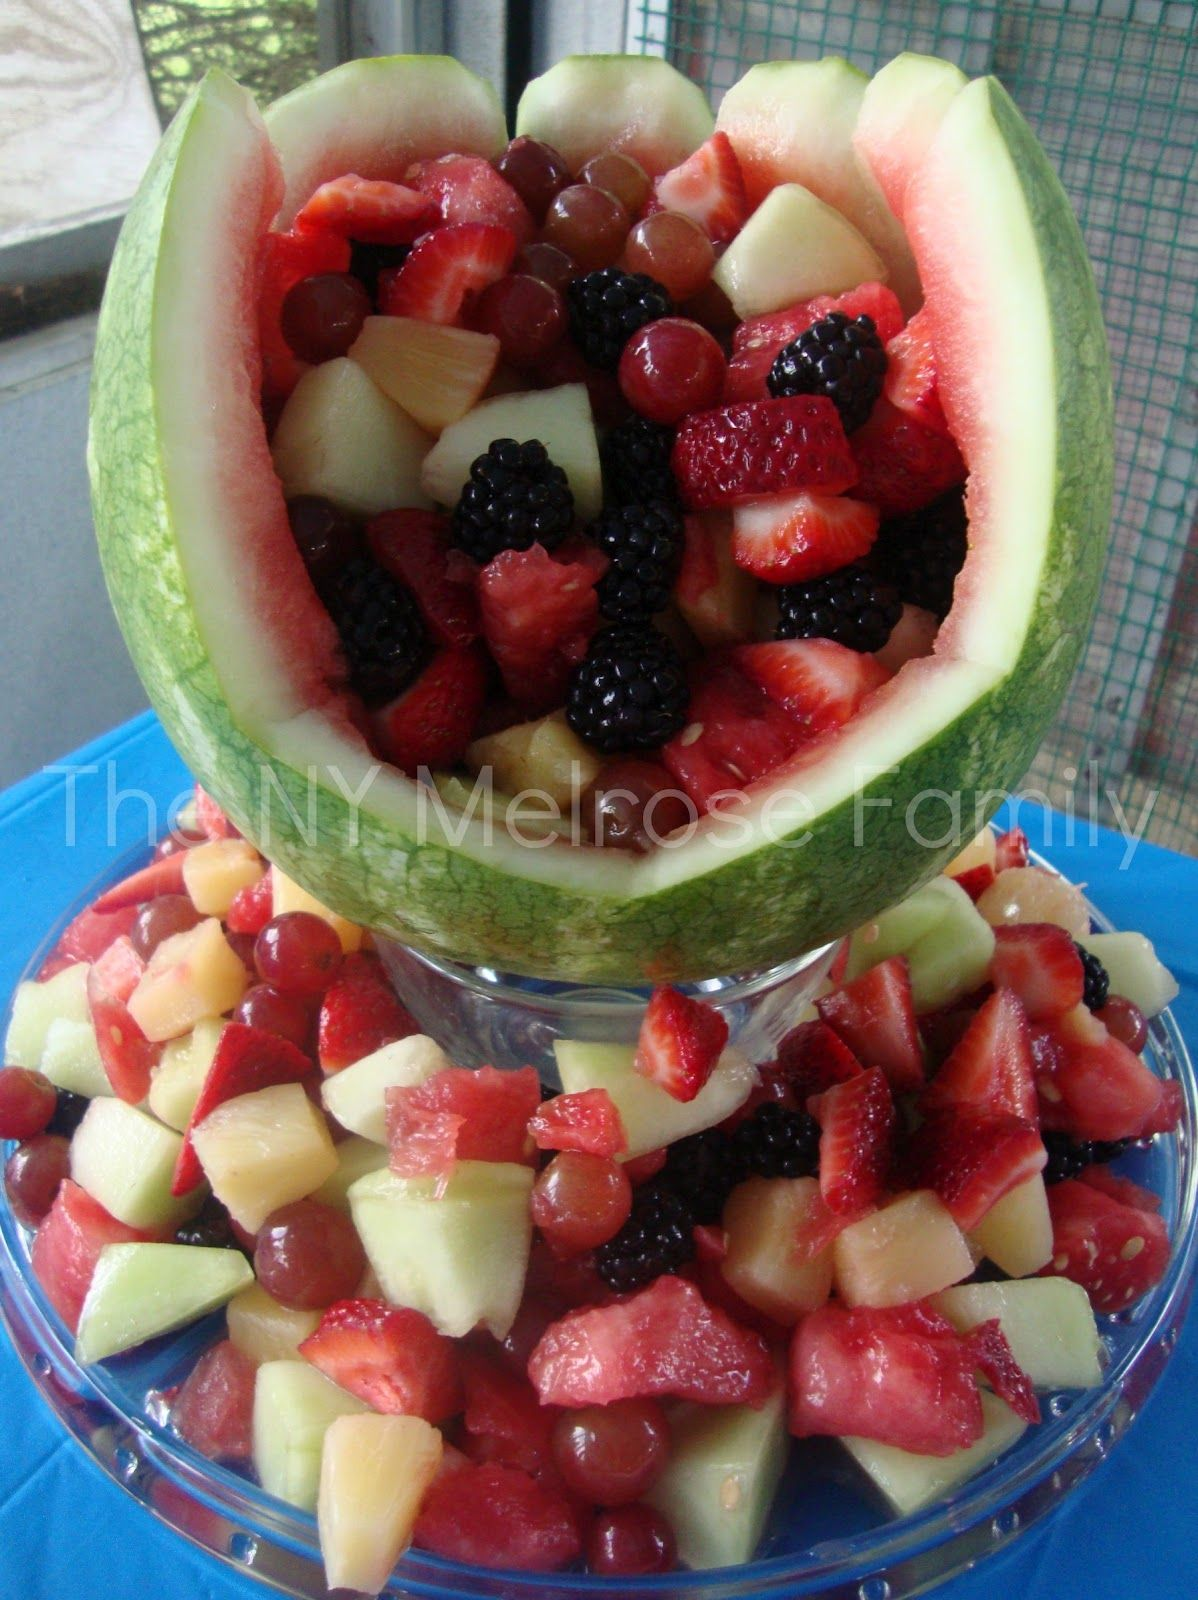 Baseball Mitt Fruit Salad Bowl @russej10 #fruitsalad #baseball